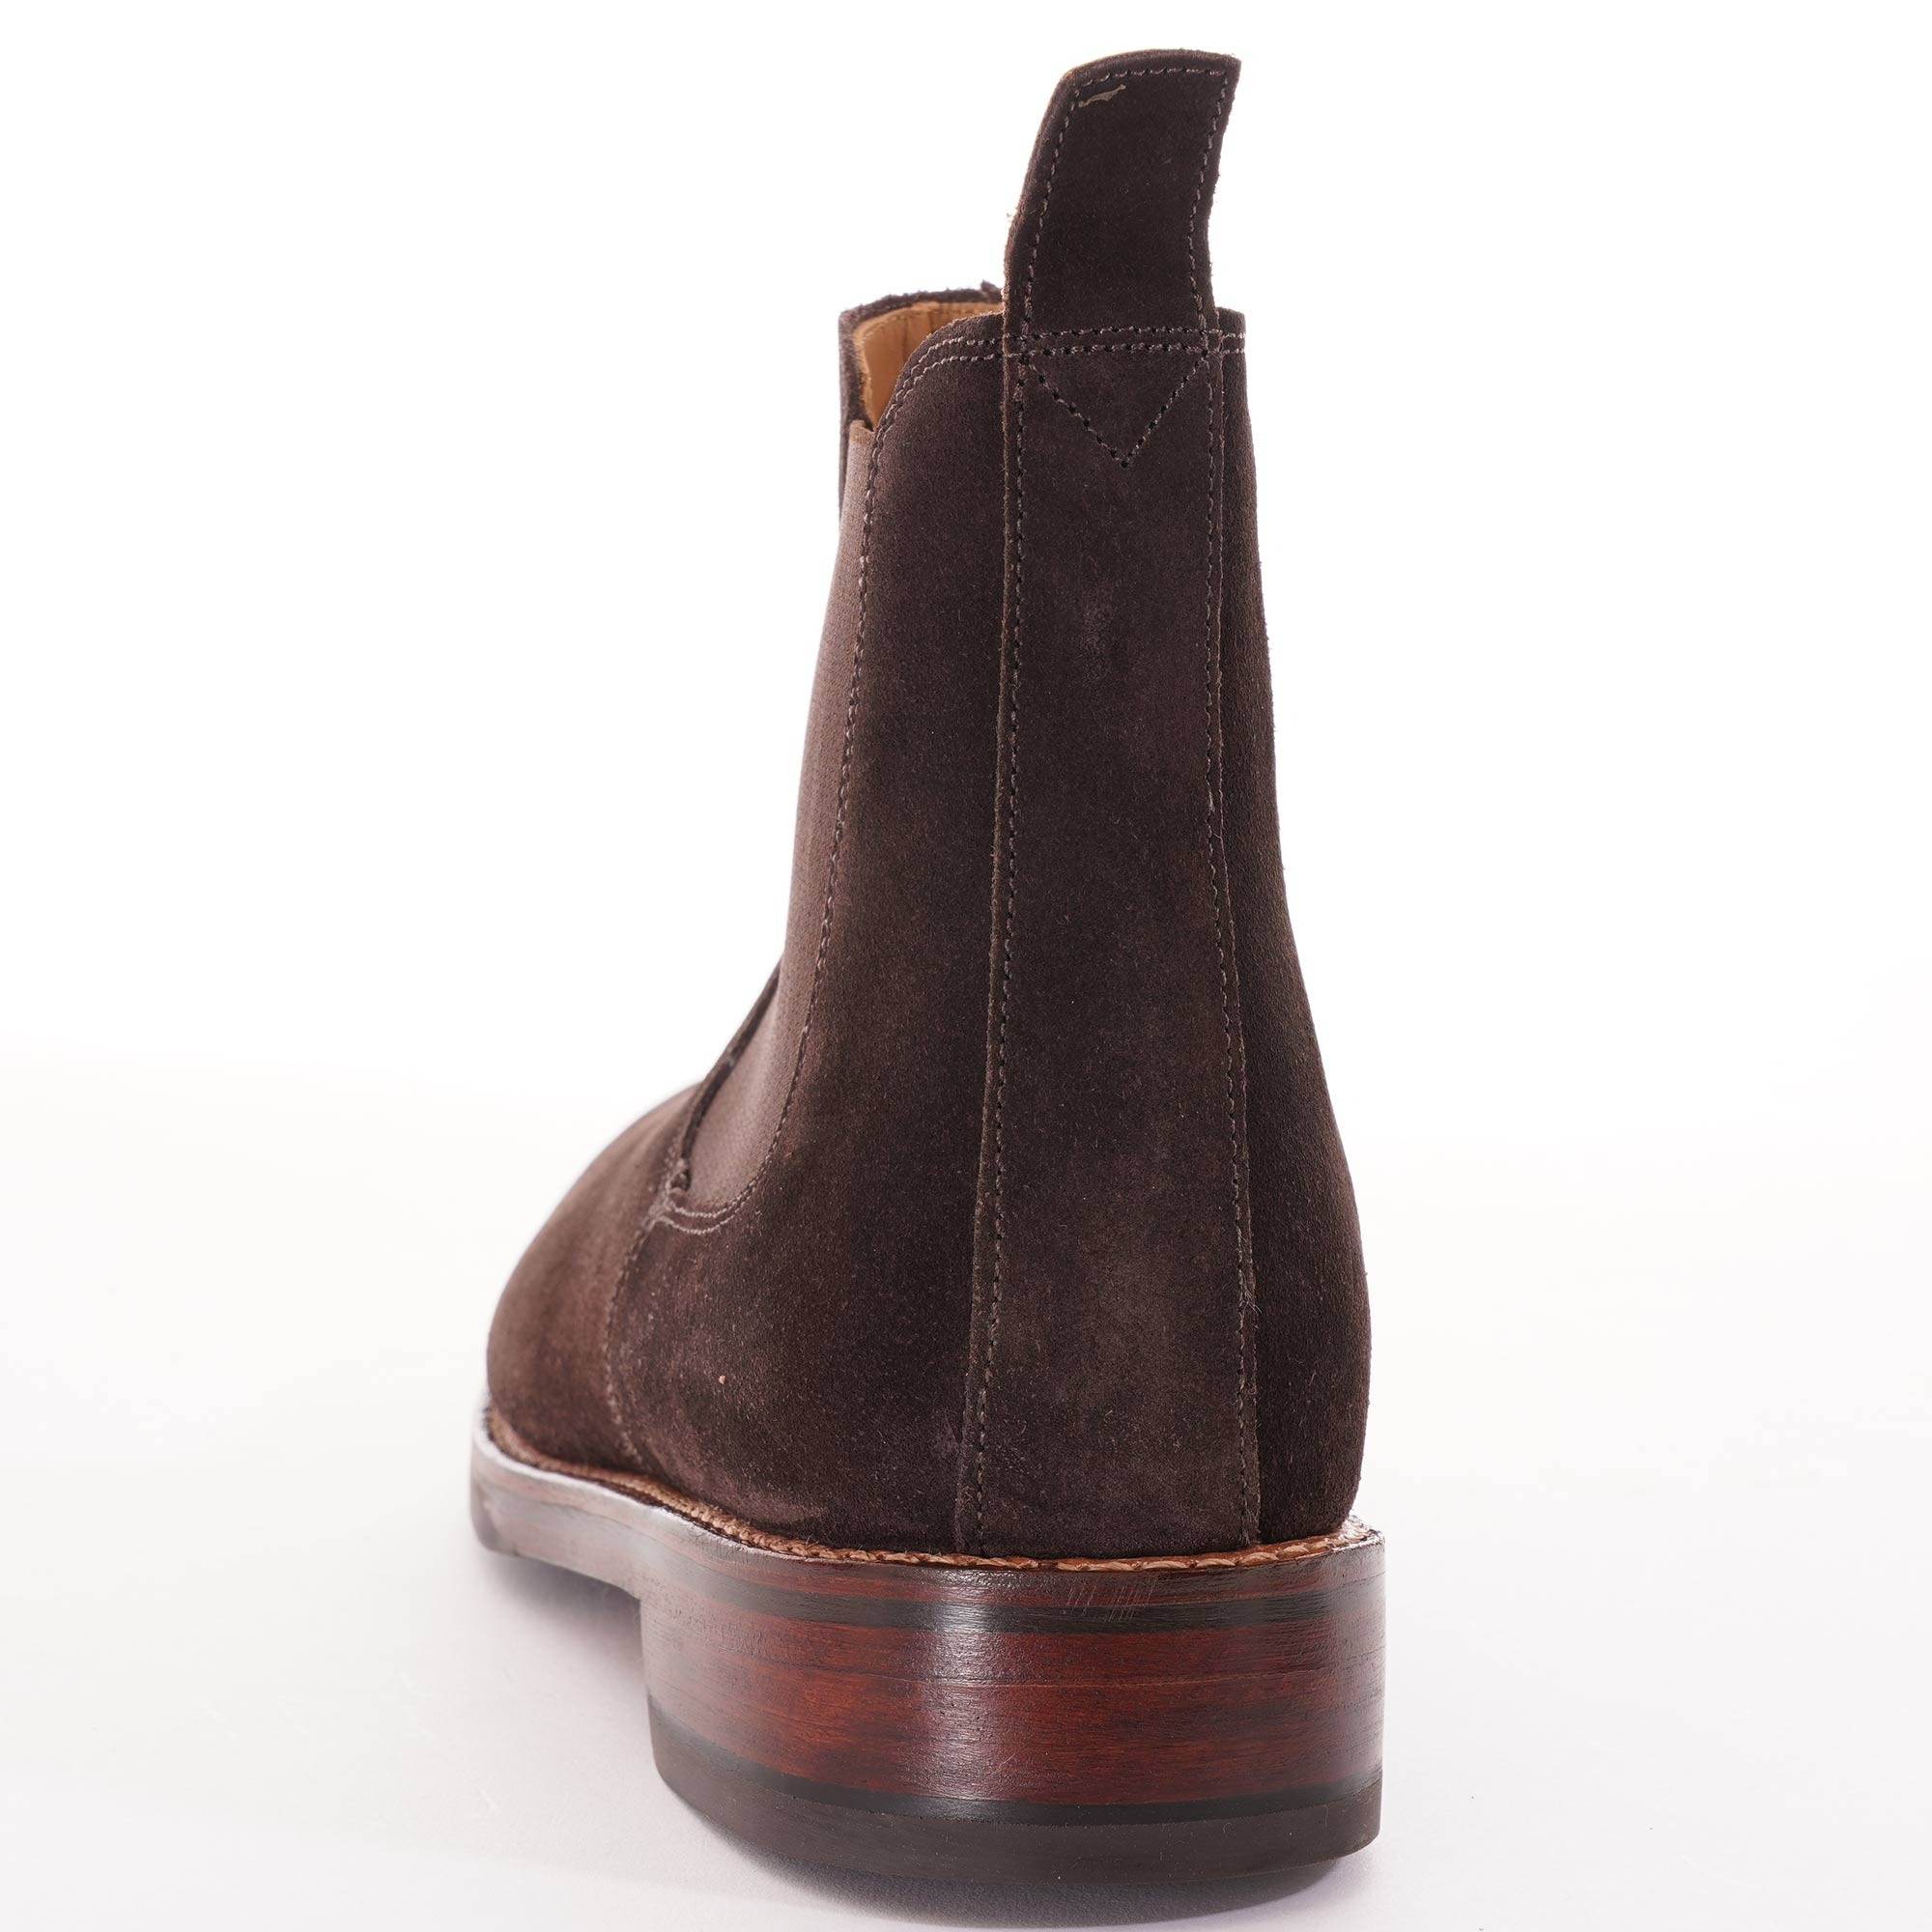 Grenson Warren Suede Chelsea Boots